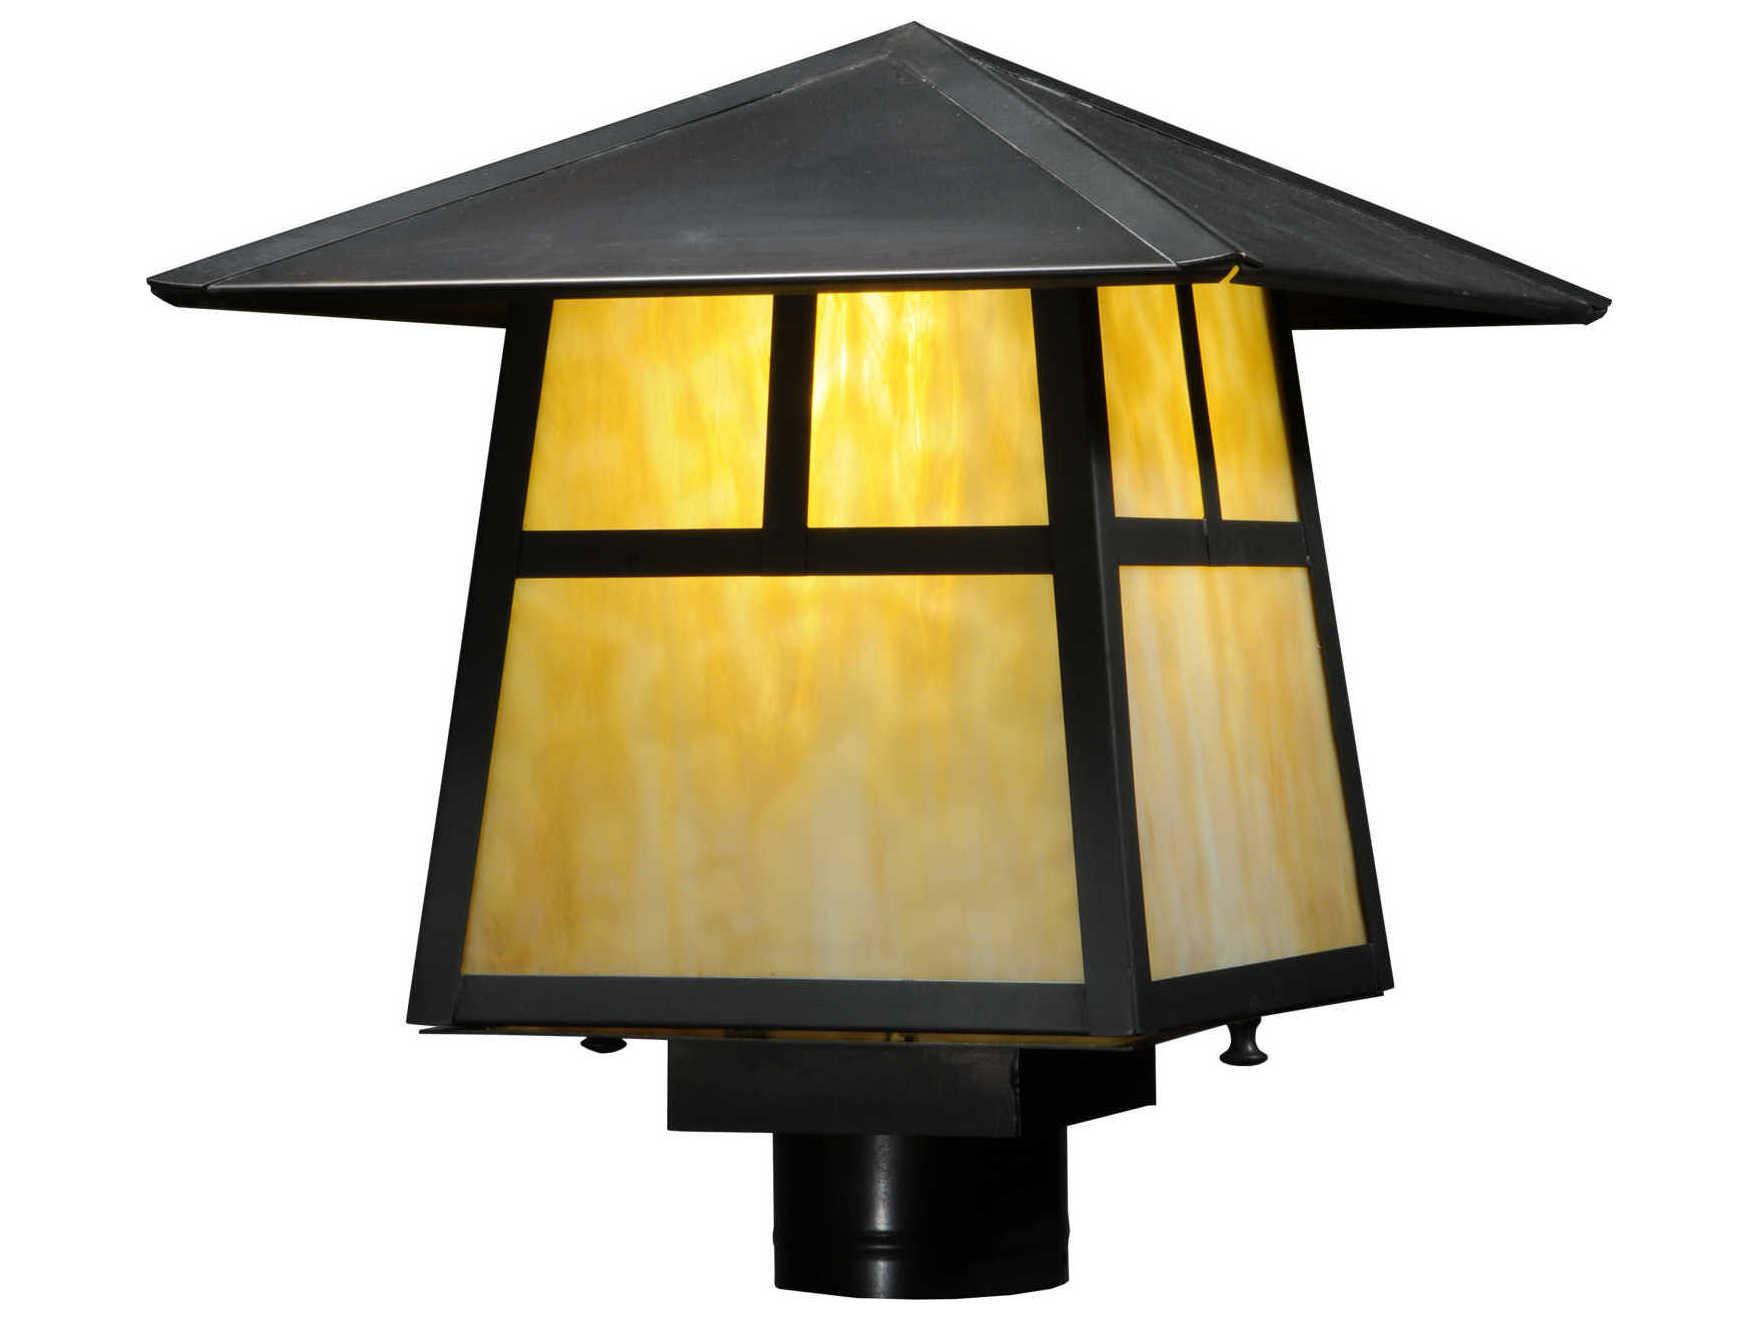 Meyda Tiffany Stillwater T Mission Beige Craftsman Outdoor Post Mount Light My138052